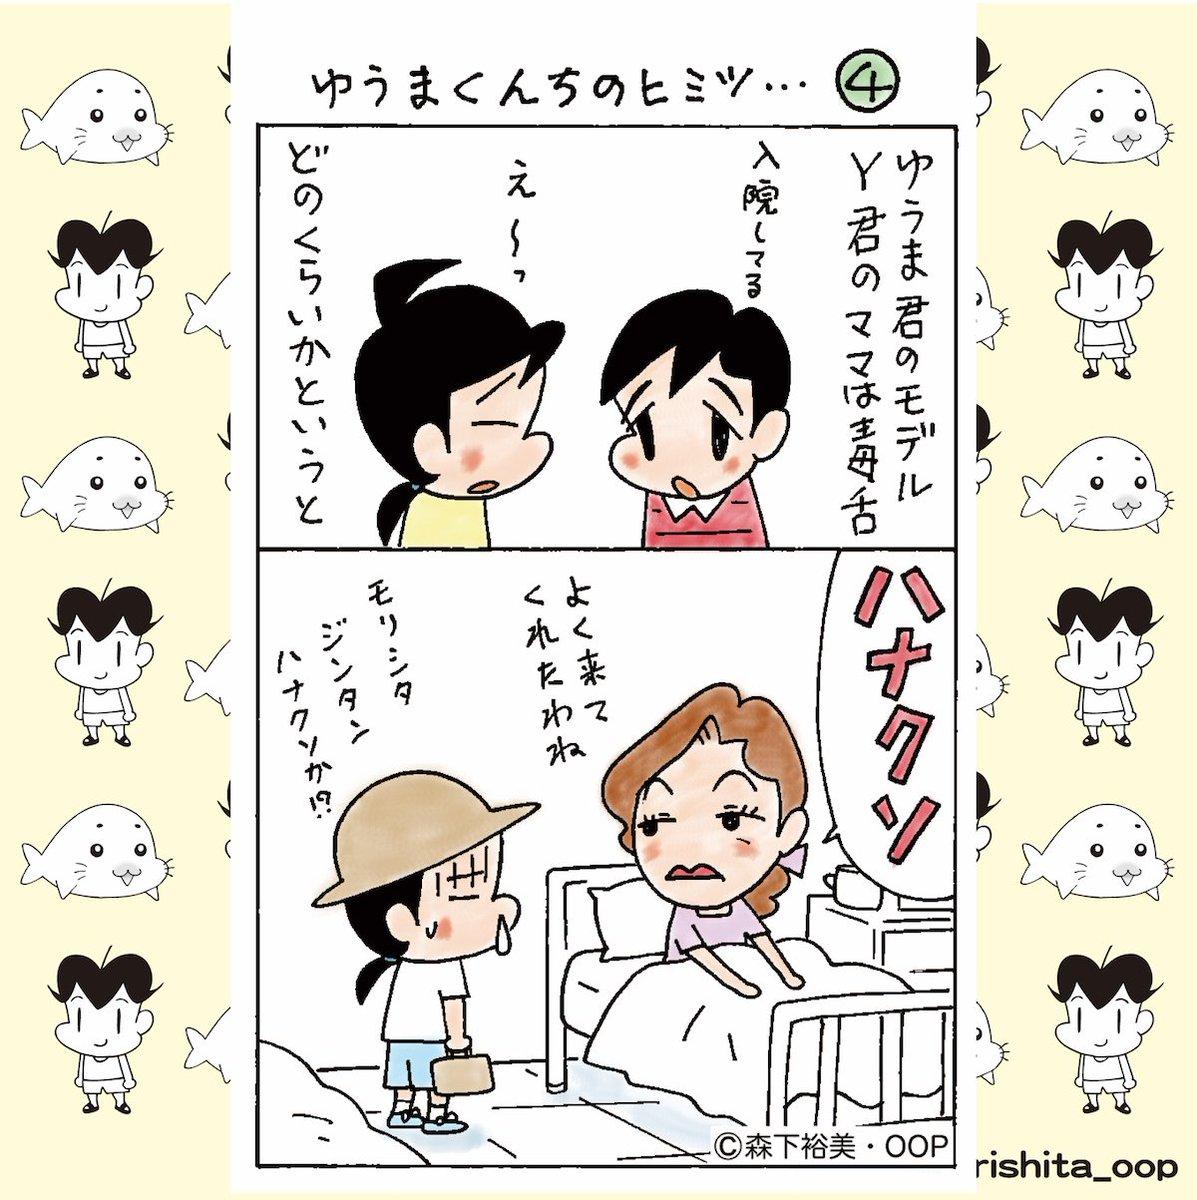 今週のアニメ「少年アシベGO!GO!ゴマちゃん」は、「ゴマちゃん 魚市場へゆく」。お魚大好きなゴマちゃんが魚市場でたいへ